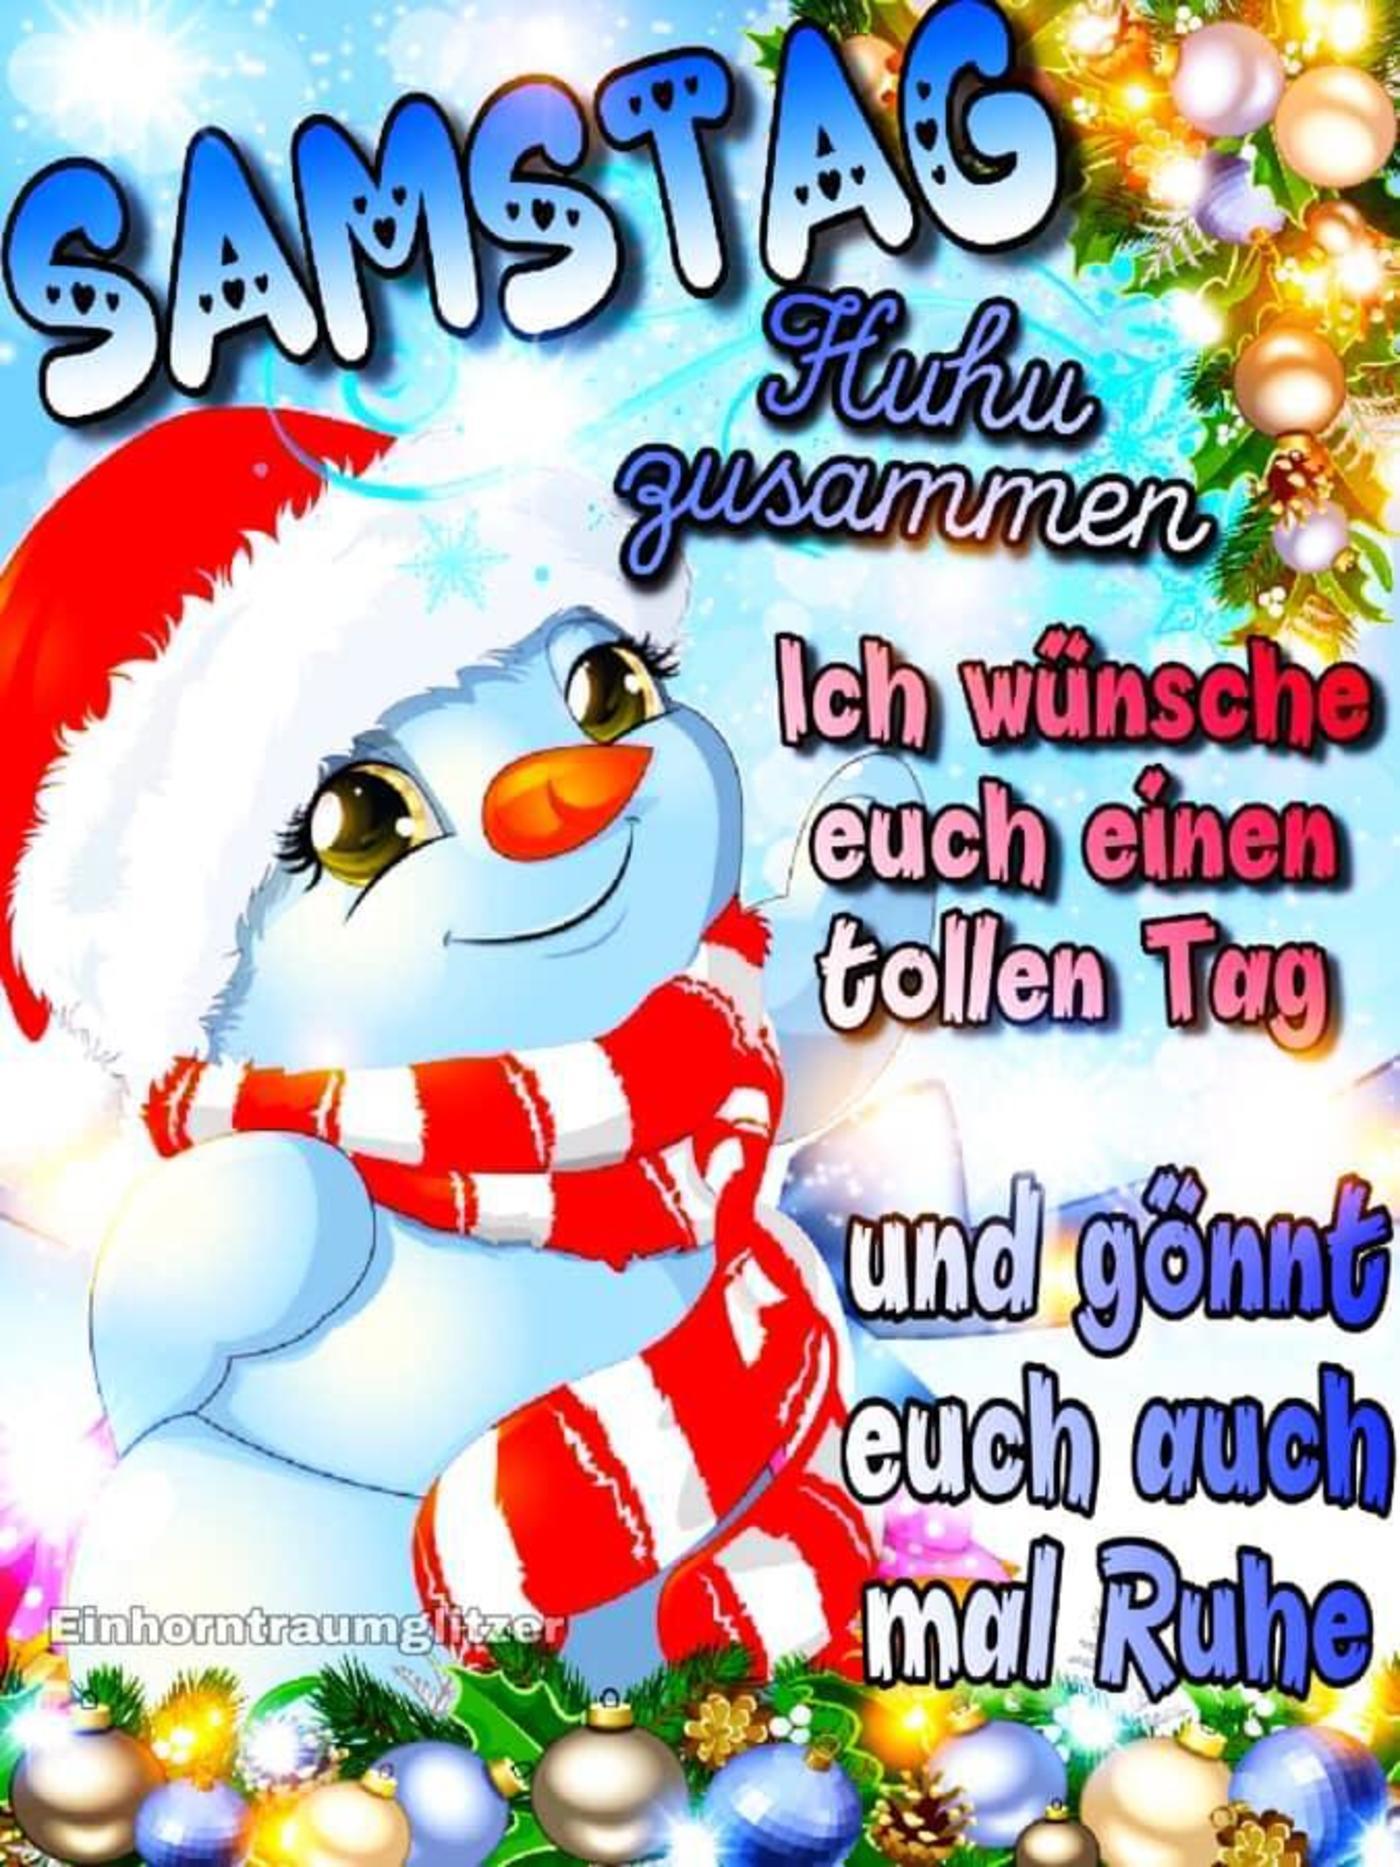 Schönen Samstag Weihnachten 272 - GBPicsBilder.com